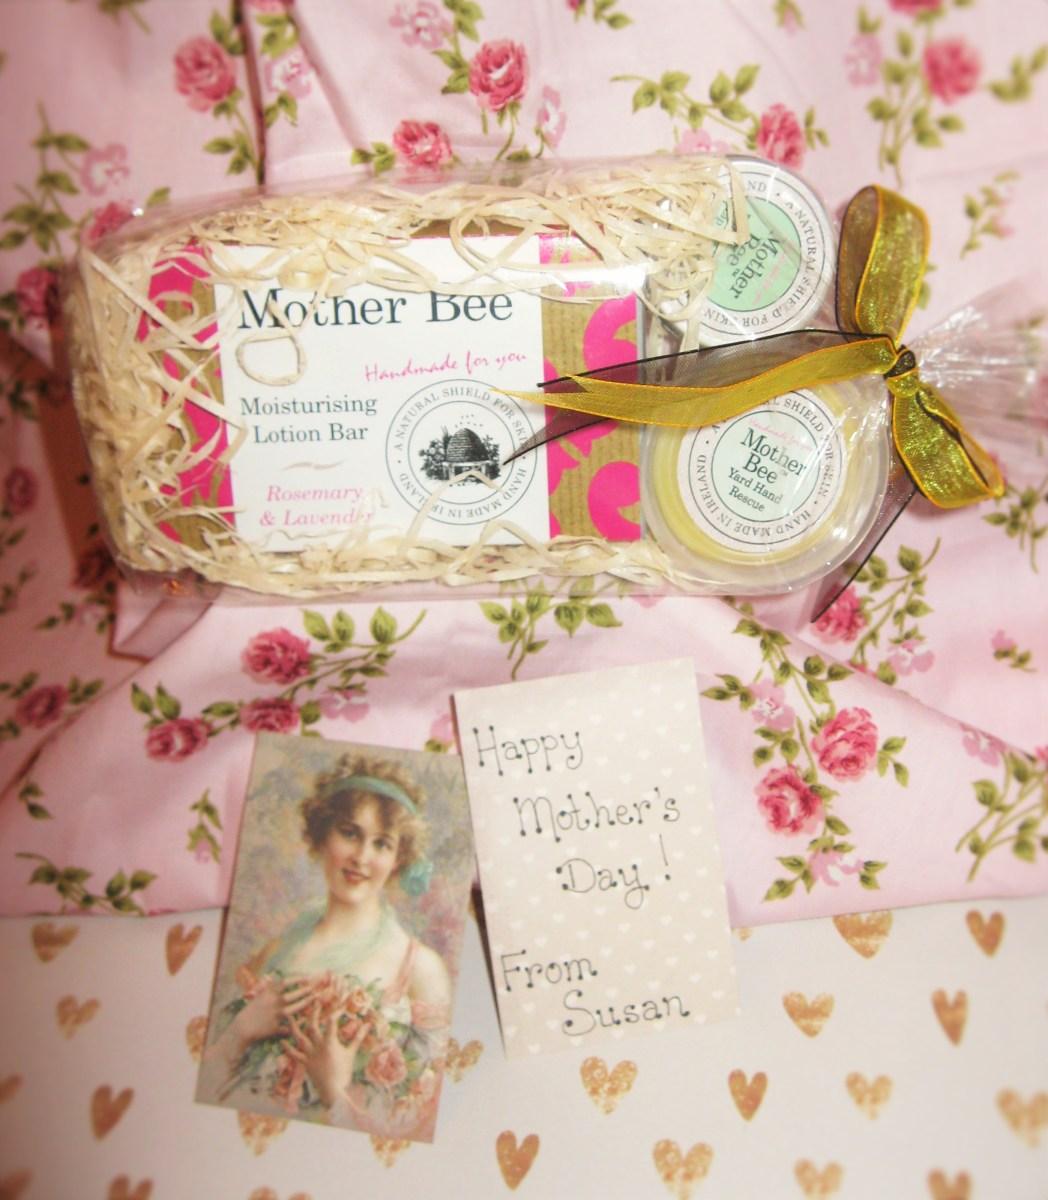 Mother's Day Pamper Gift Hamper